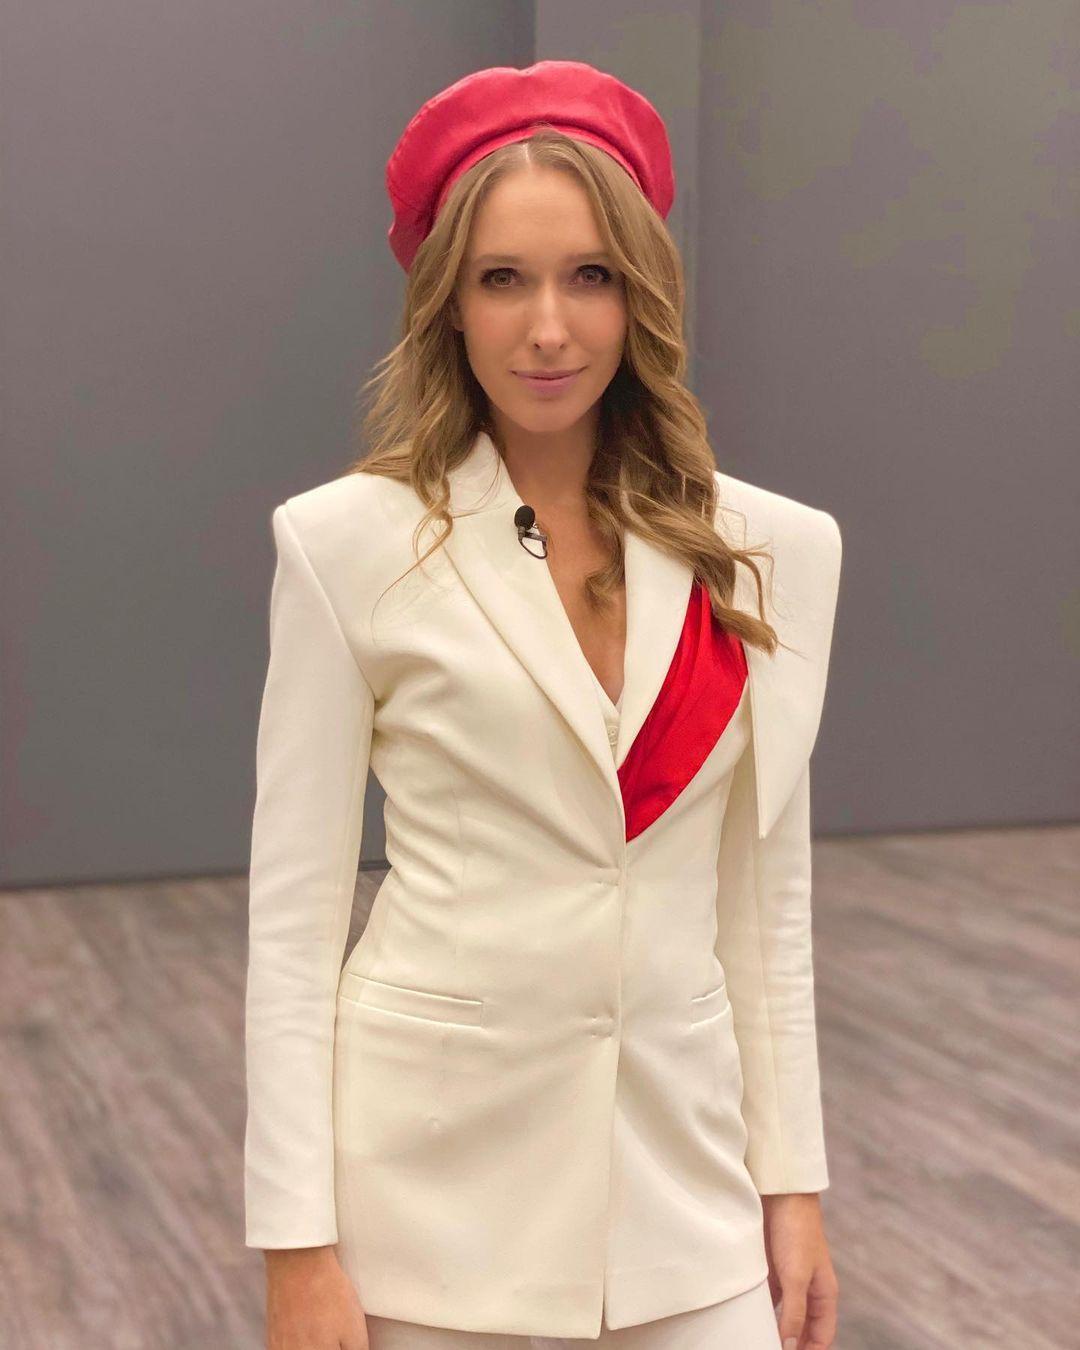 Катя Осадчая показала роскошную фигуру в мини-платье